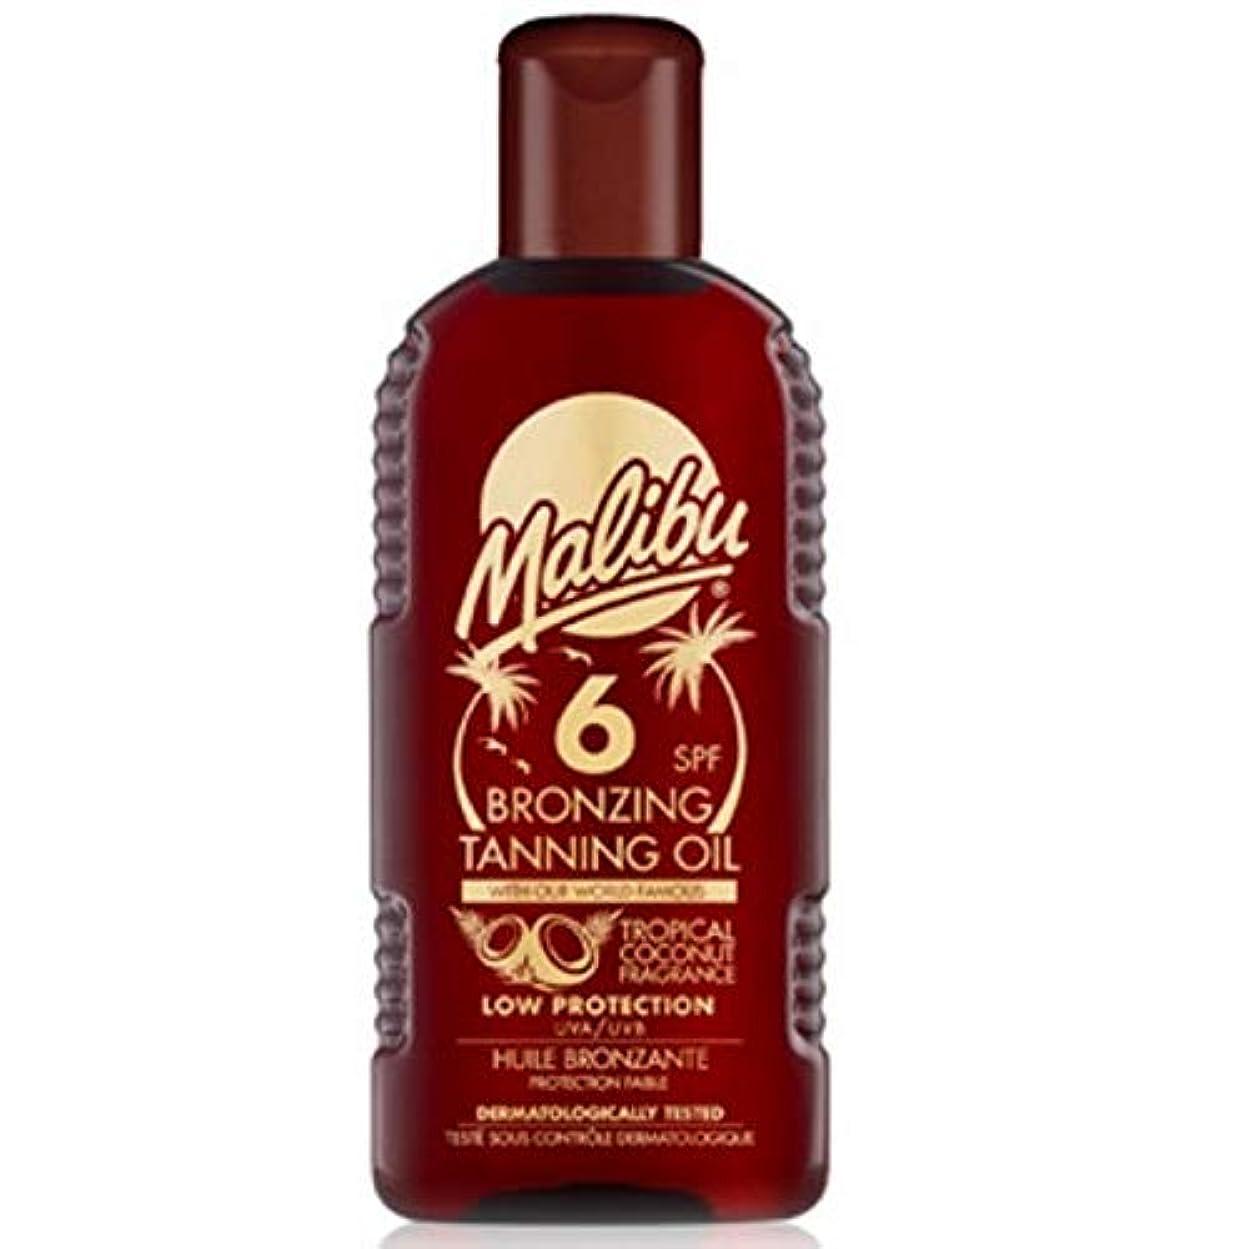 せせらぎ騒大工[Malibu ] マリブブロンズ日焼けオイルSp6 - Malibu Bronzing Tanning Oil Sp6 [並行輸入品]